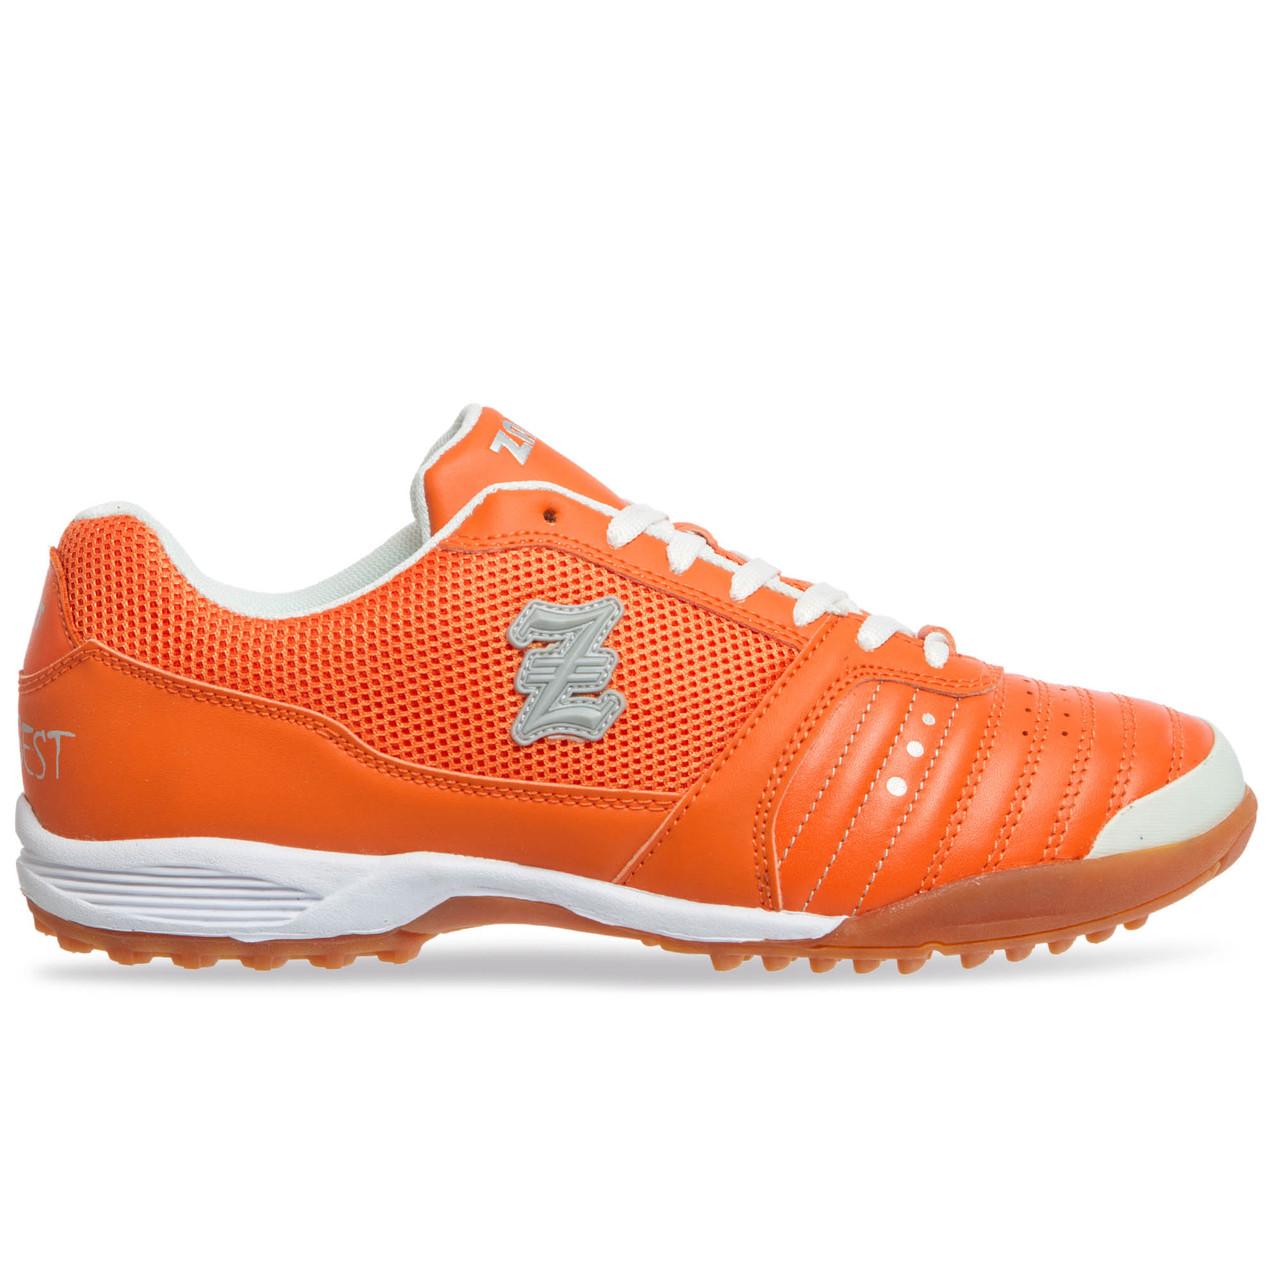 Сороконожки обувь футбольная Zelart OB-90204-OR размер 40-45 оранжевый